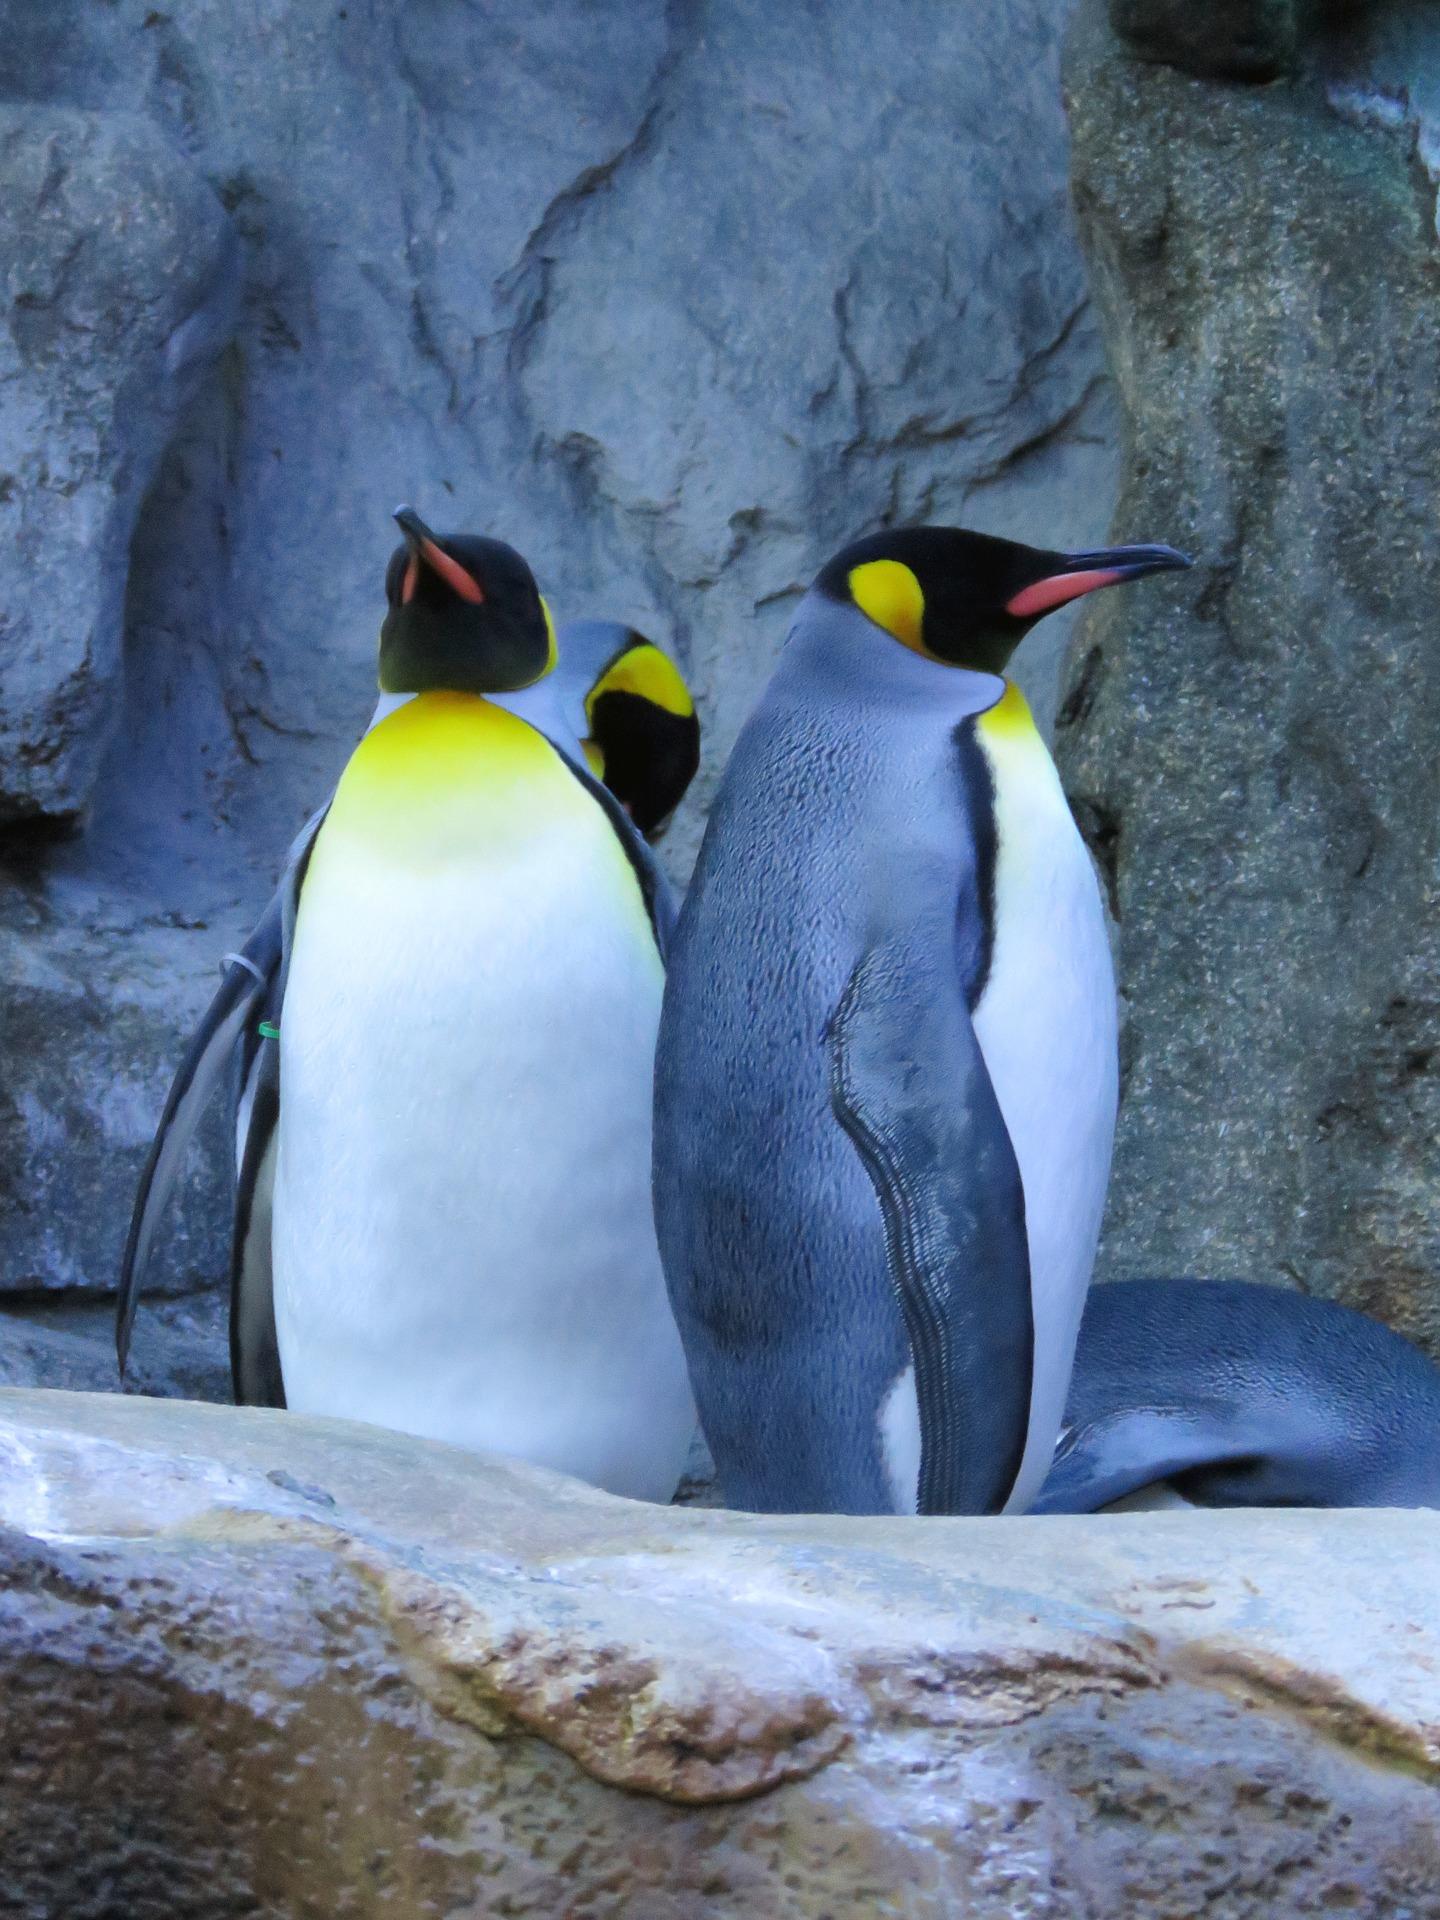 king-penguins-1502920_1920